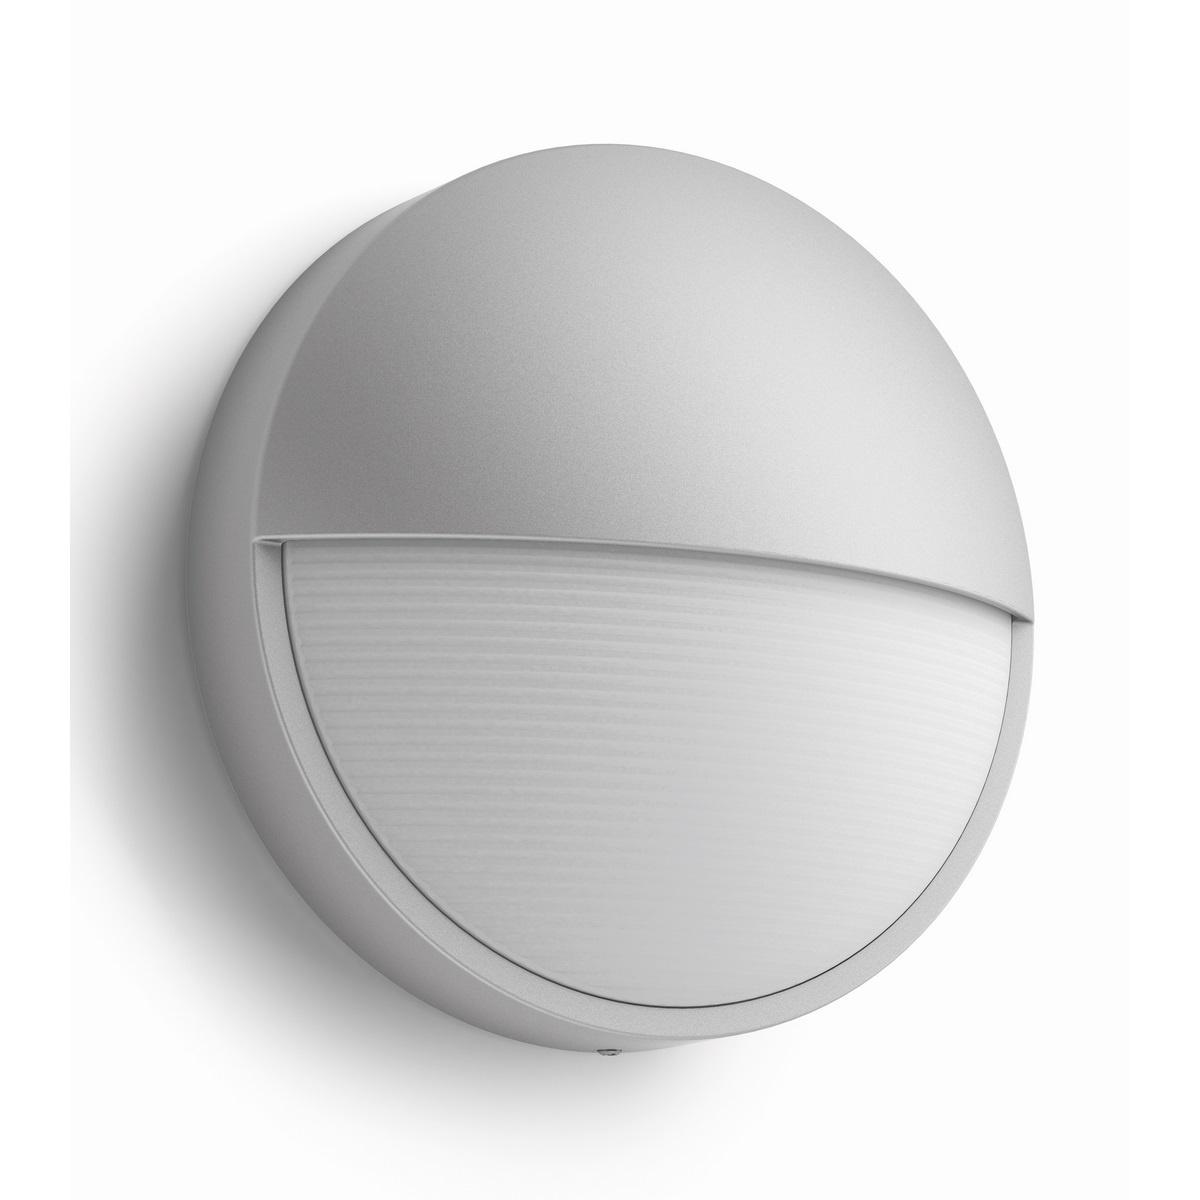 Philips 16455/87/16 Capricorn Vonkajšie nástenné LED svietidlo 21 cm, sivá